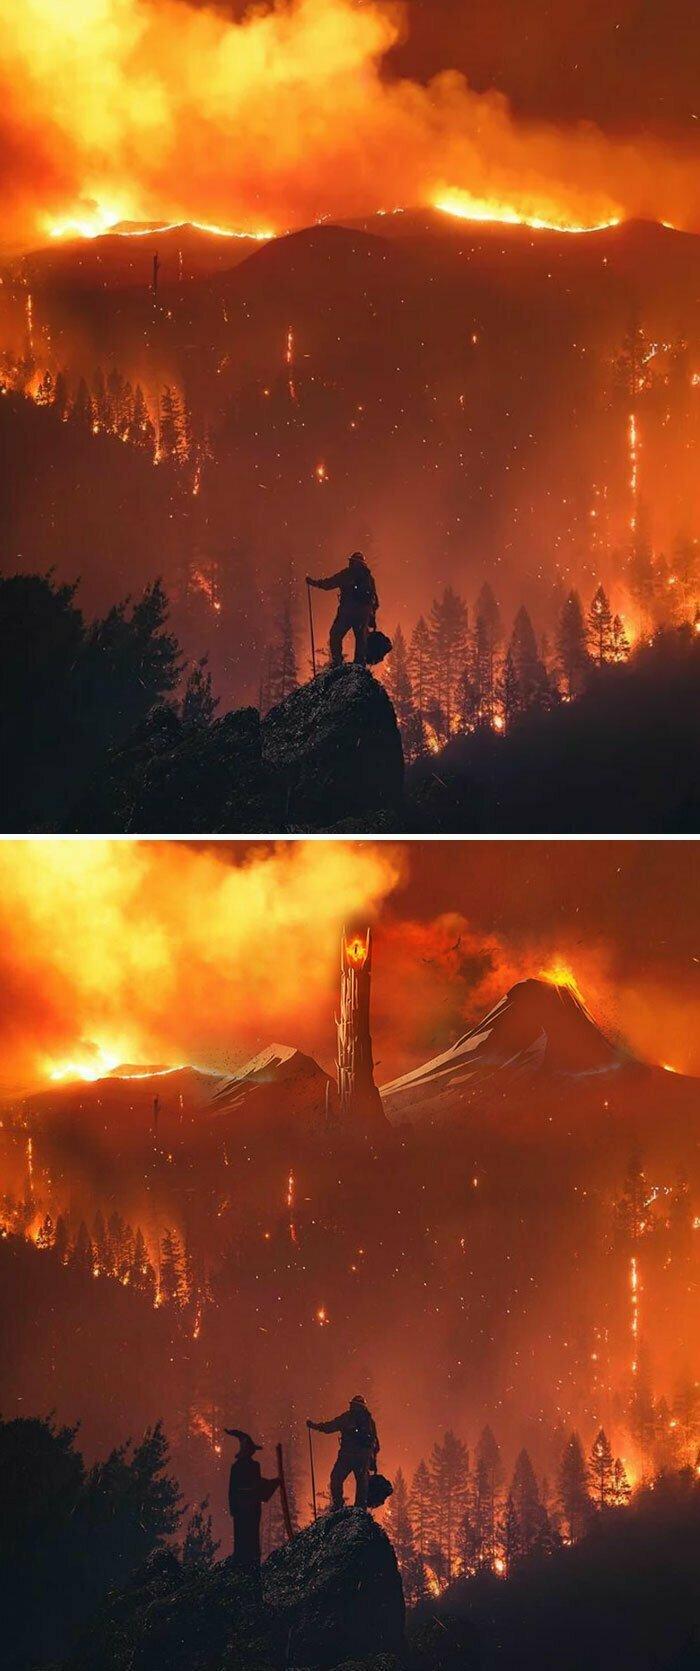 Пожарный на фоне огня во время калифорнийских пожаров 2018 года